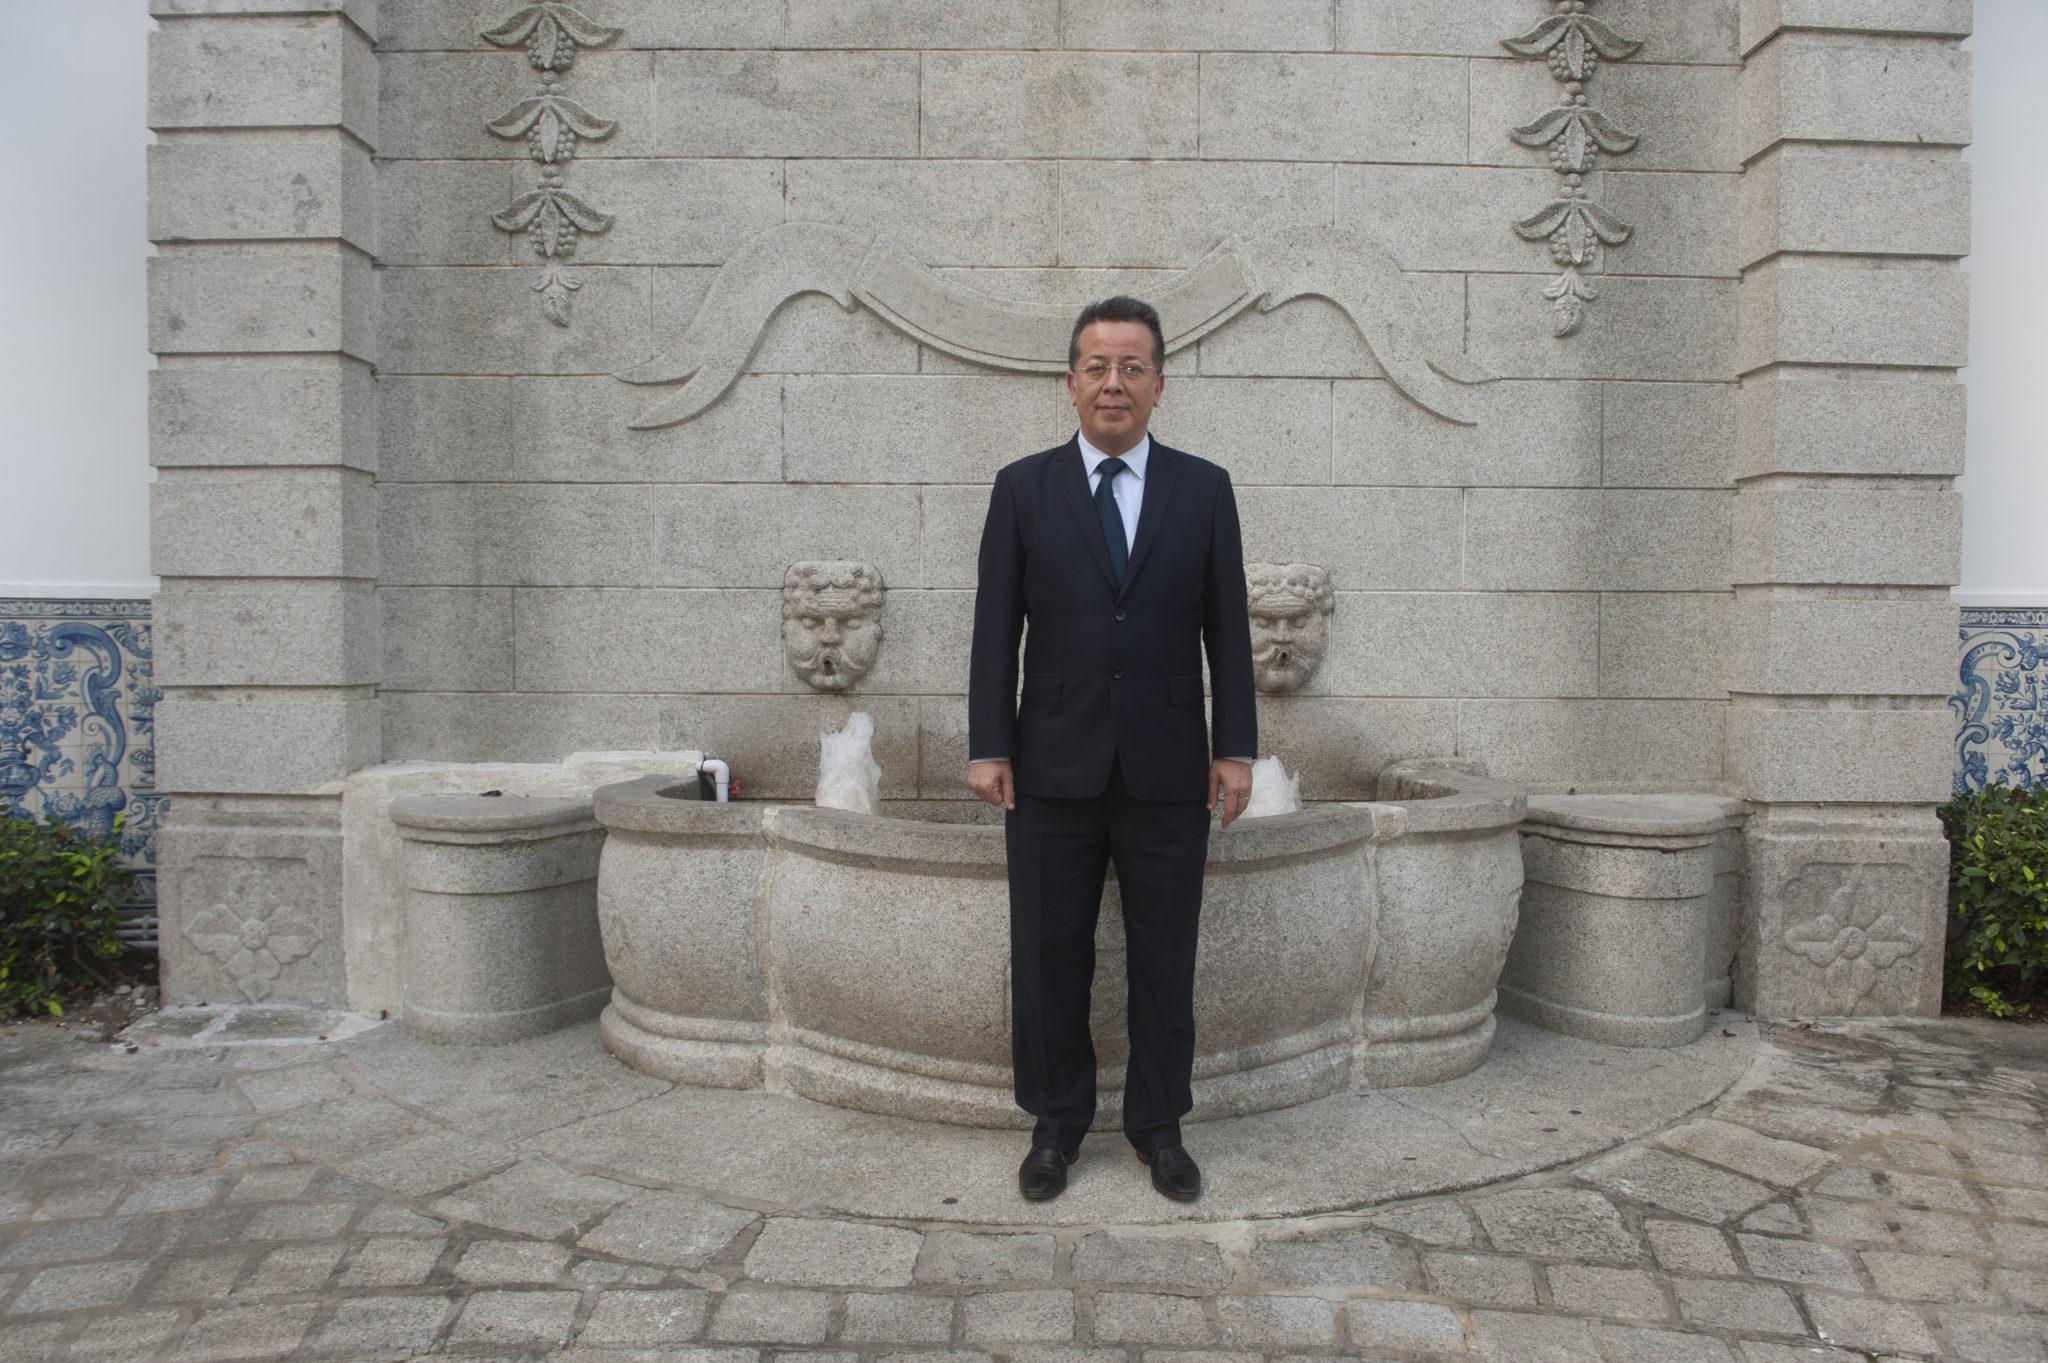 Entrevista | José Tavares, presidente do conselho de administração do IACM